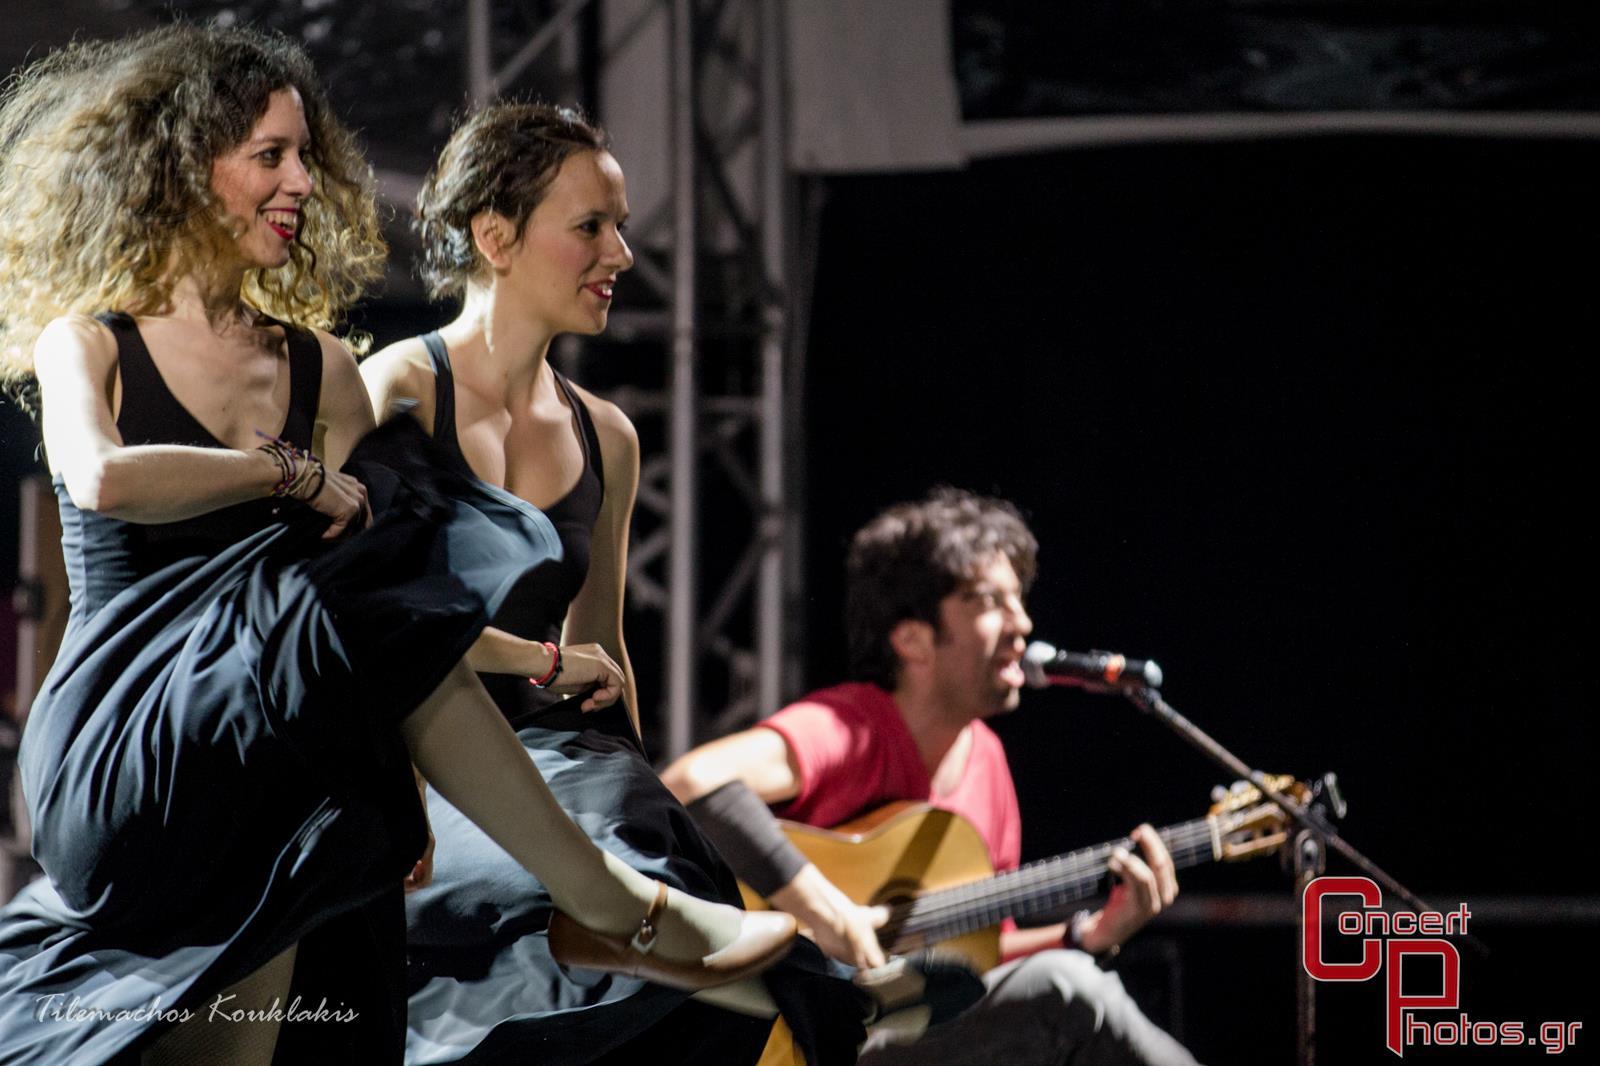 Μία συναυλία για τη Σχεδία 2014-Sxedia 2014 photographer:  - concertphotos_20140530_20_13_30